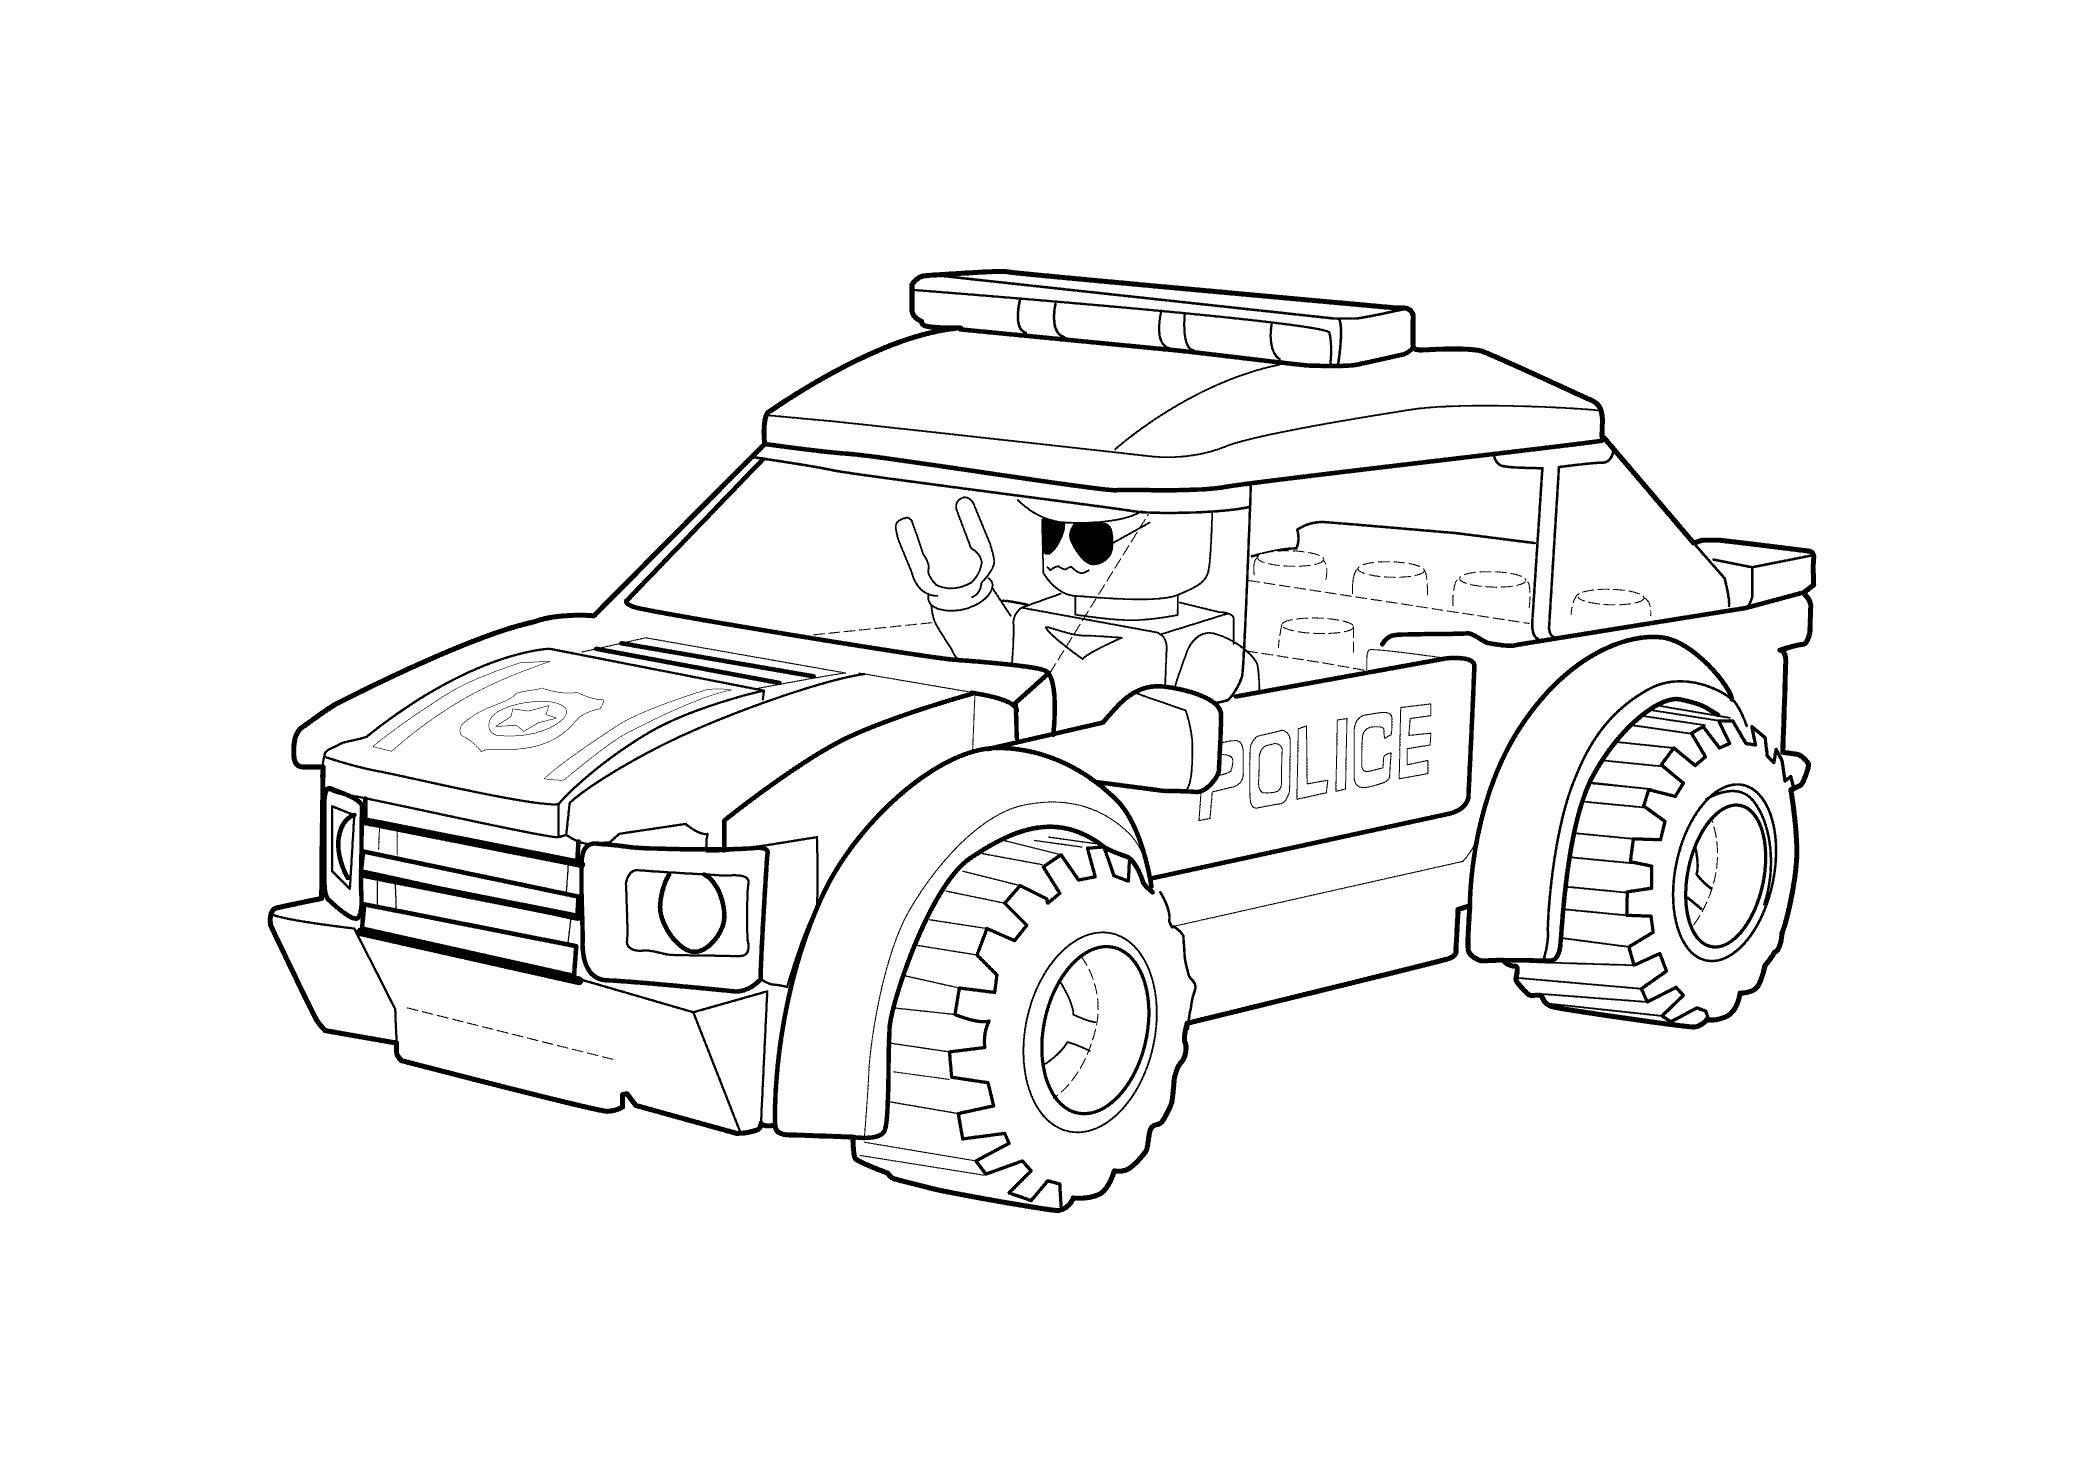 Лего Лего полицейская машина Раскраски машины бесплатноРаскраски для мальчиков